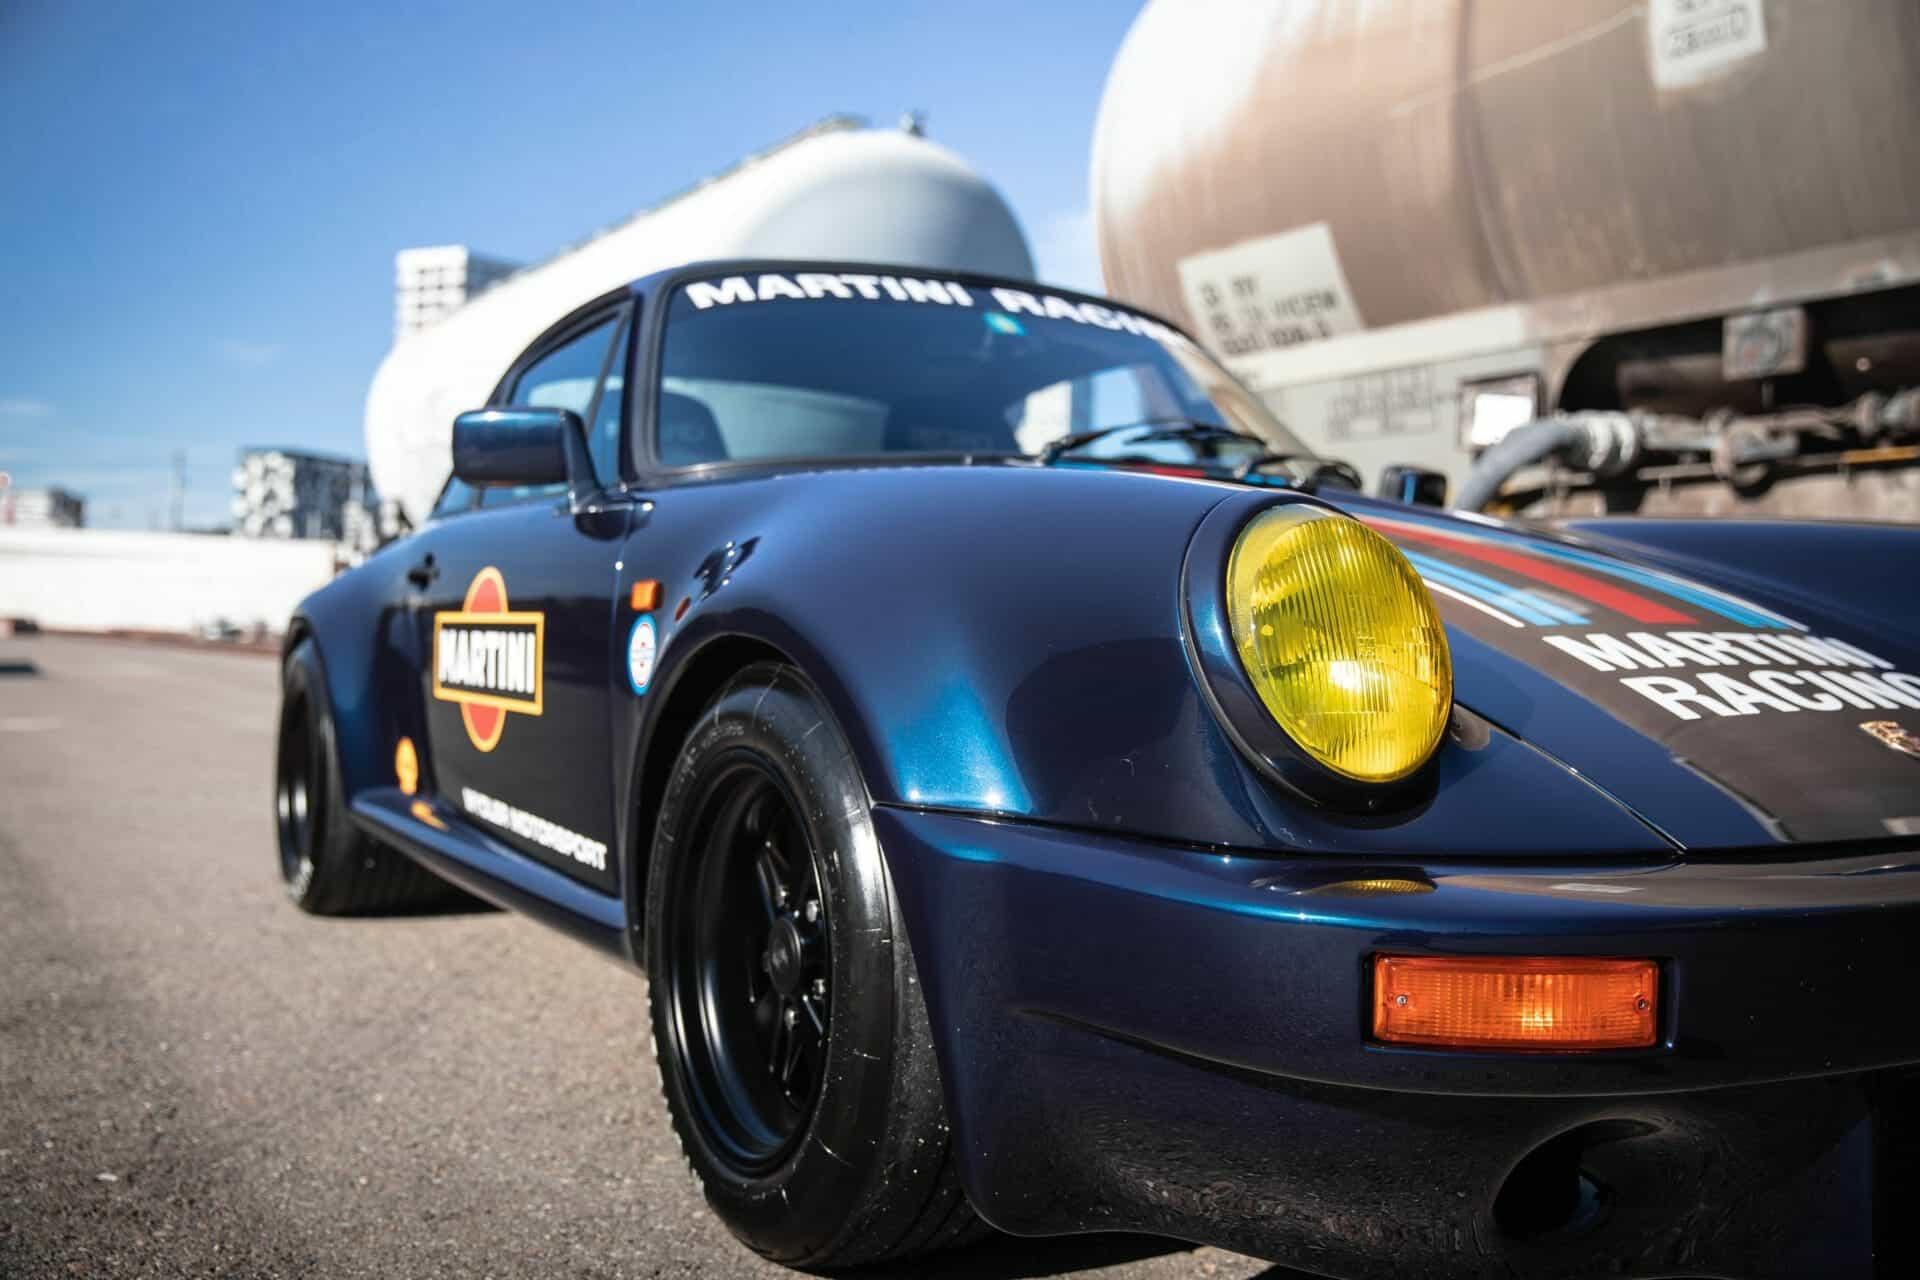 Porsche 911 Martini81 - Picture 6